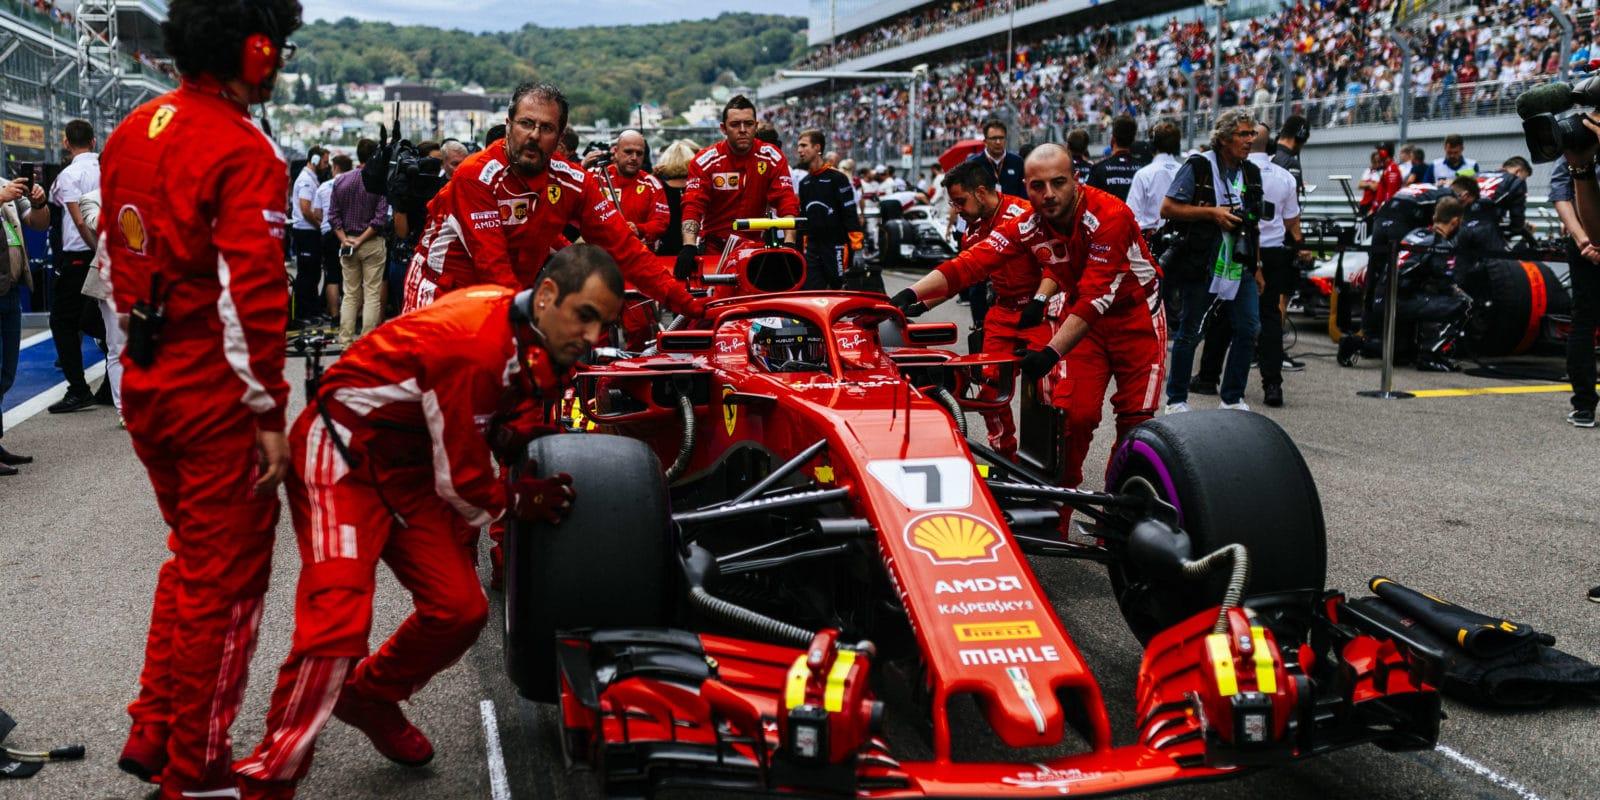 Ferrari potvrzuje změny ve vedení. Arrivabene ven, novým šéfem Binotto